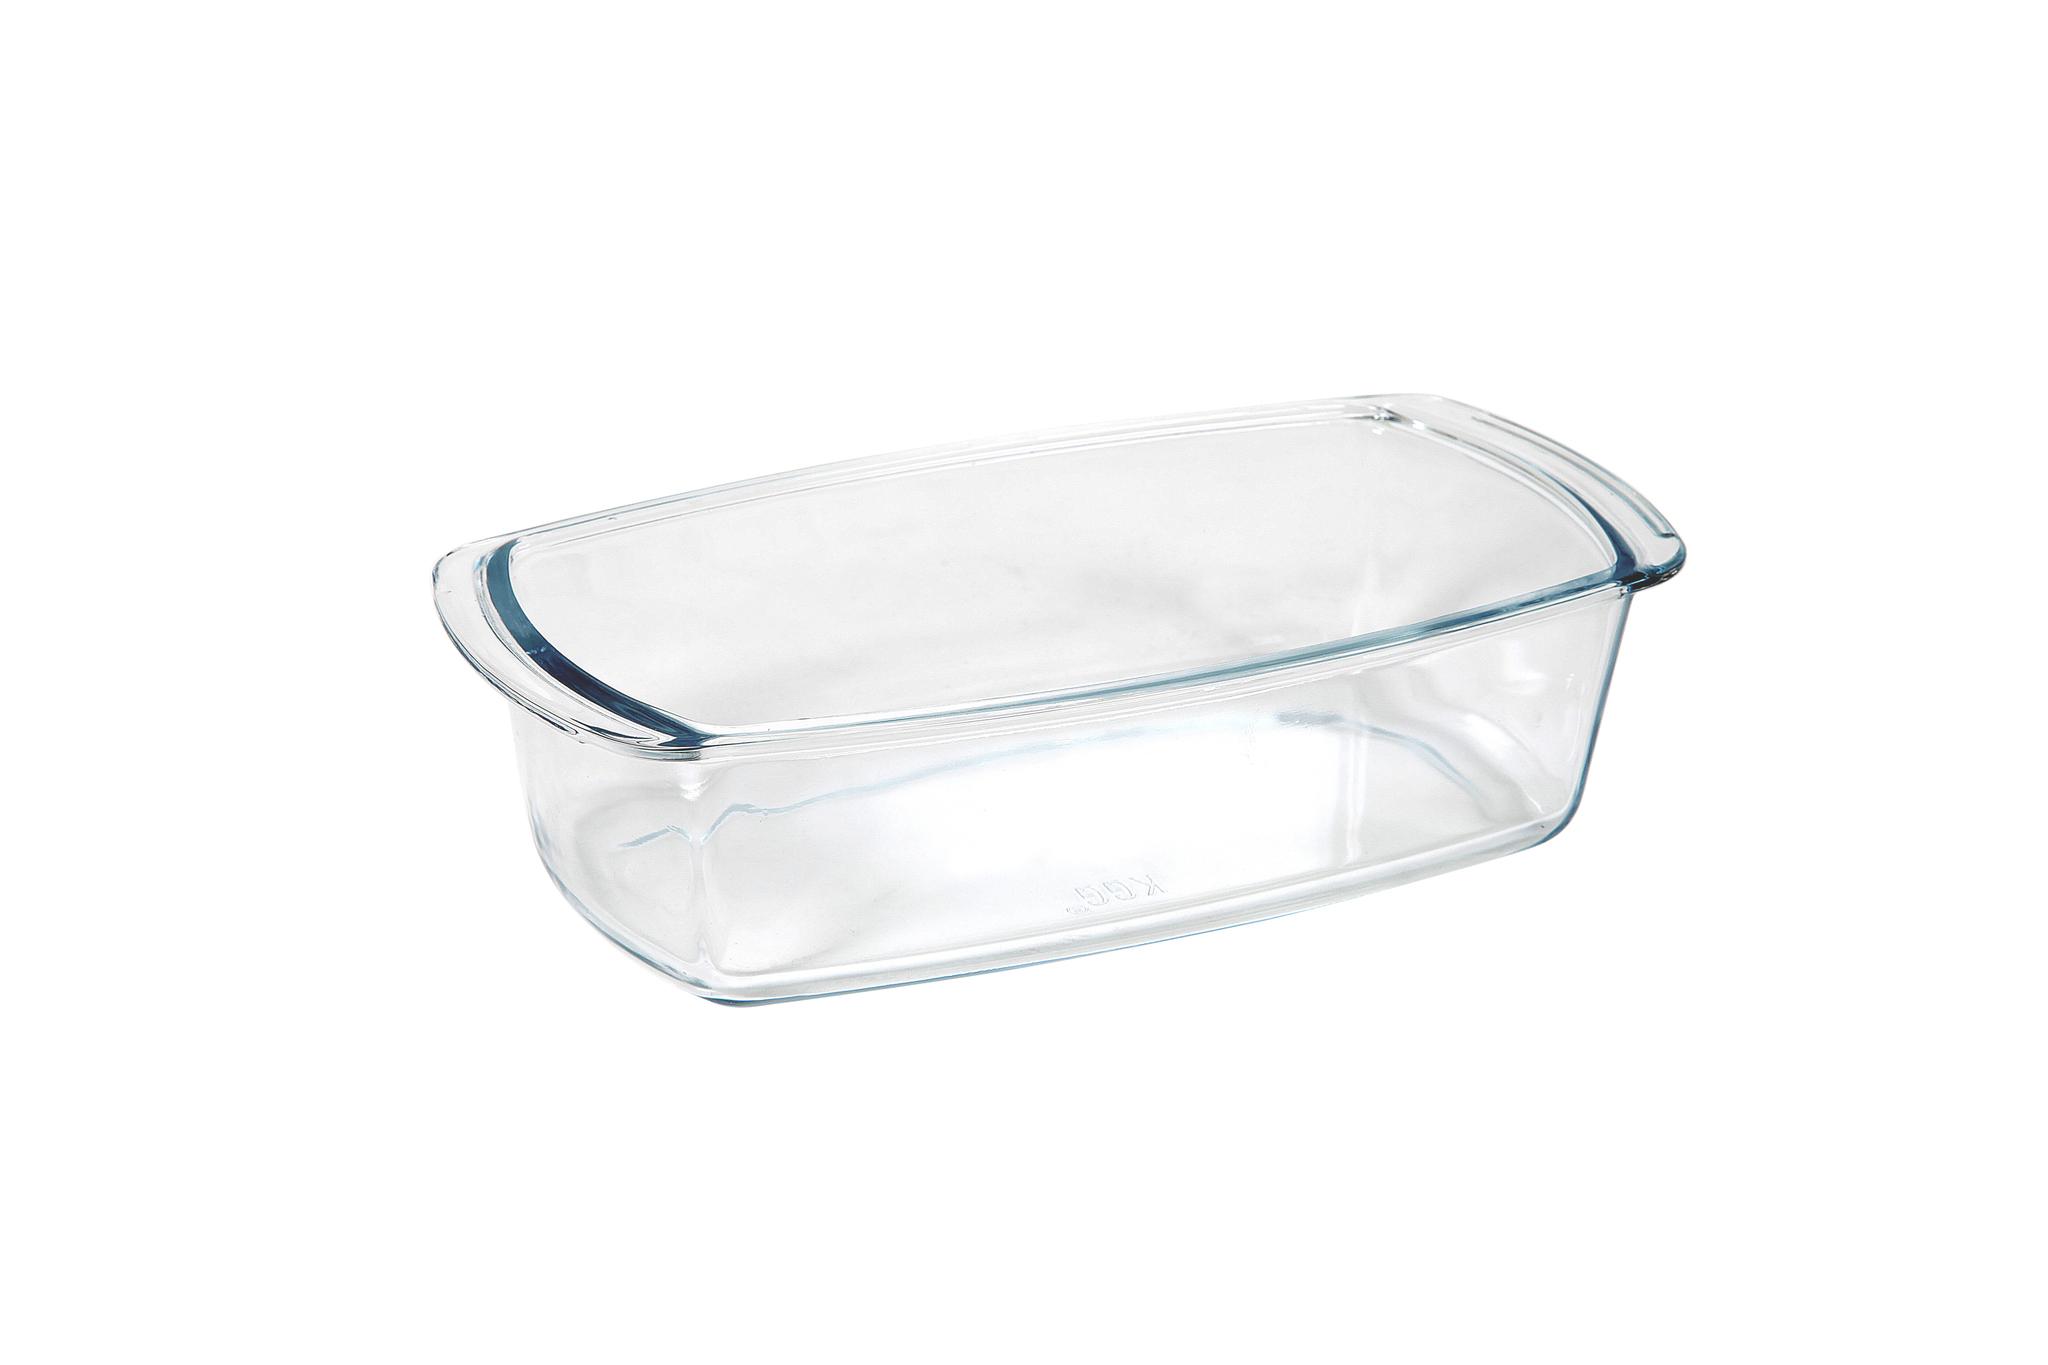 Форма для выпечки 1,5л, 26,9х14х7 см COSY&amp;TRENDY 508335Формы для запекания (выпечки)<br>Форма для выпечки 1,5л, 26,9х14х7 см COSY&amp;TRENDY 508335<br><br>В этой прямоугольной форме для выпечки очень просто создать торт. Благодаря прямоугольной форме, вы можете легко разрезать торт на равные кусочки. Форма устойчива к царапинам и может выдерживать высокие температуры. Можно использовать в посудомоечной машине.<br>